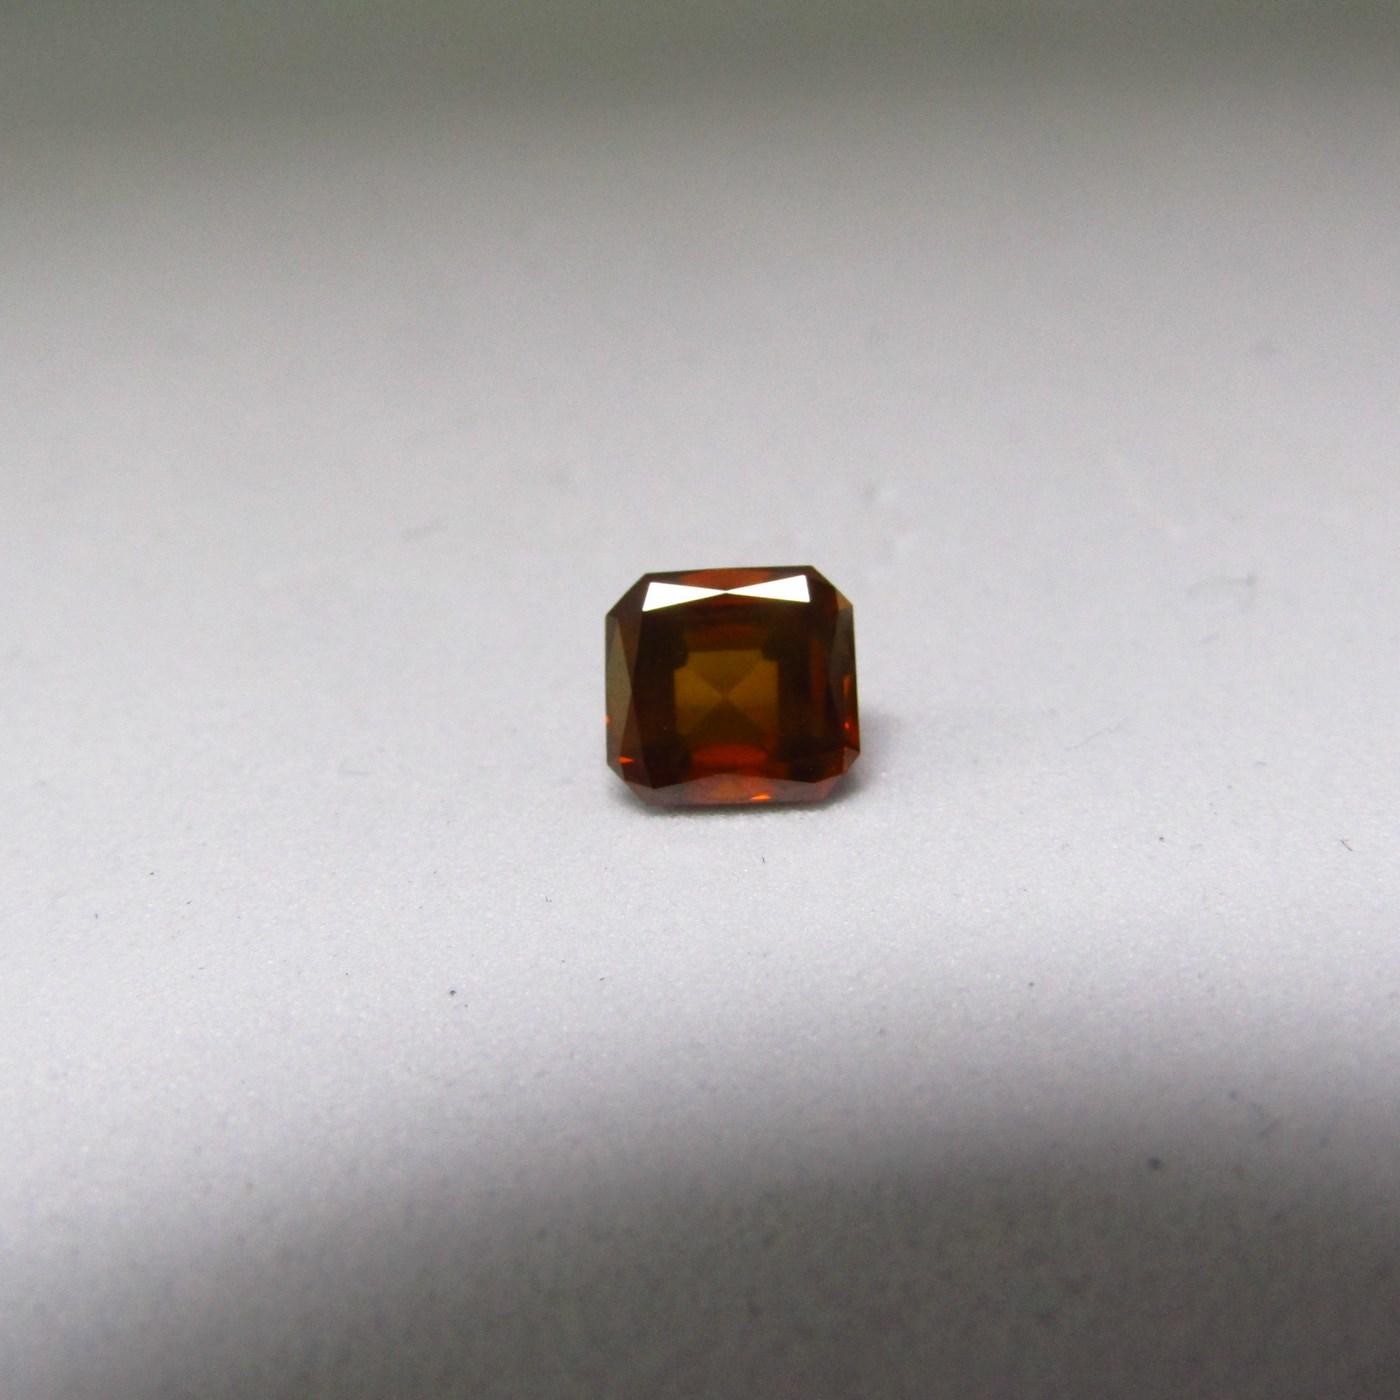 Diamante Natural de 0,96 ct. Talla: Cuadrada/Esmeralda Modificada. Color: Brownish Orange. Pureza: SI2. Tratado. Certificado IGE.